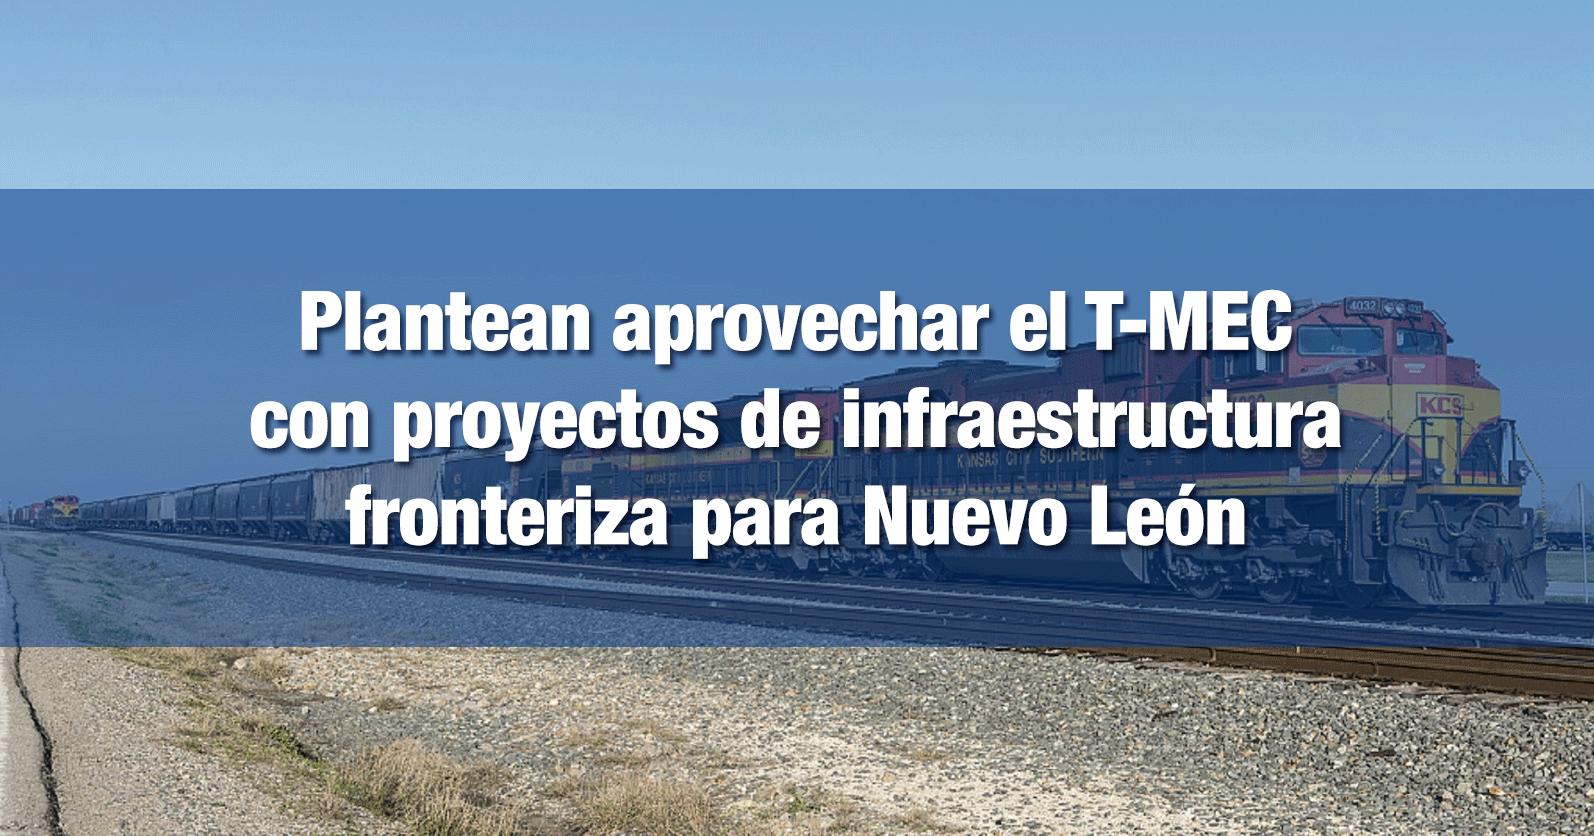 Plantean aprovechar el T-MEC con proyectos de infraestructura fronteriza para Nuevo León